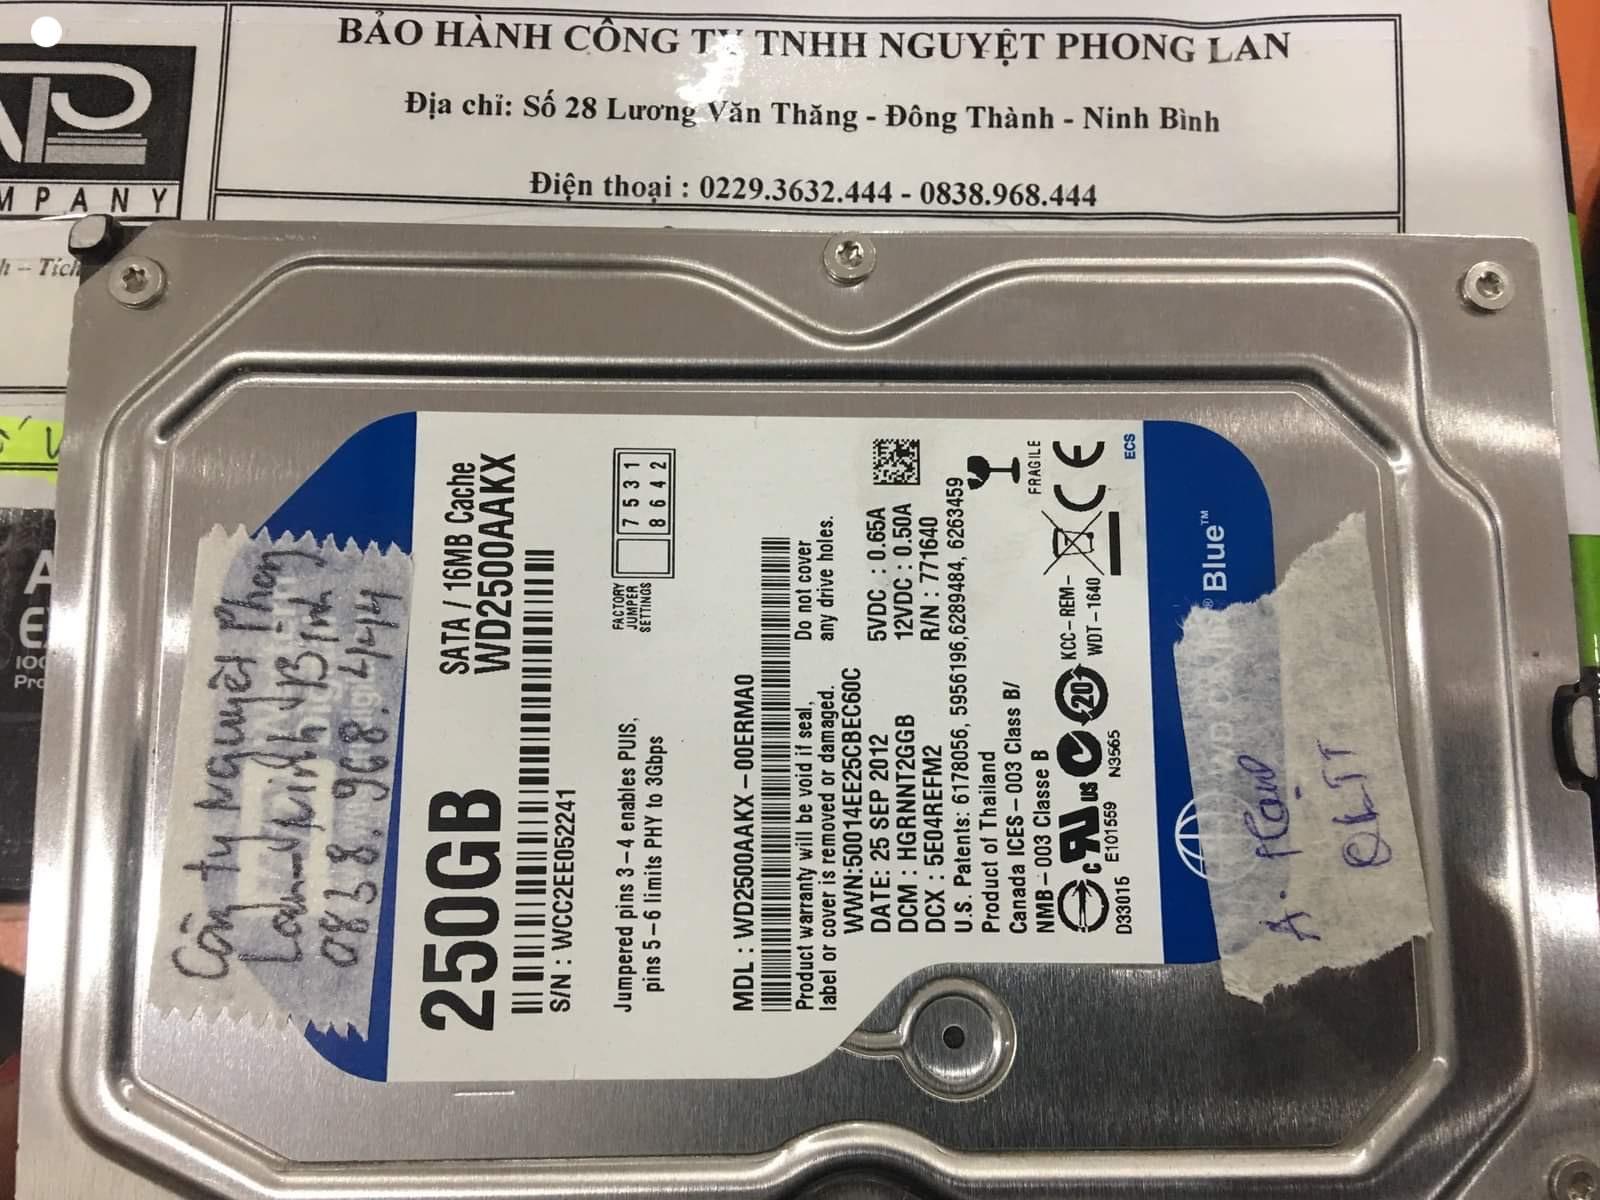 Cứu dữ liệu ổ cứng Western 250GB lỗi đầu đọc tại Ninh Bình - 06/01/2021 - cuumaytinh